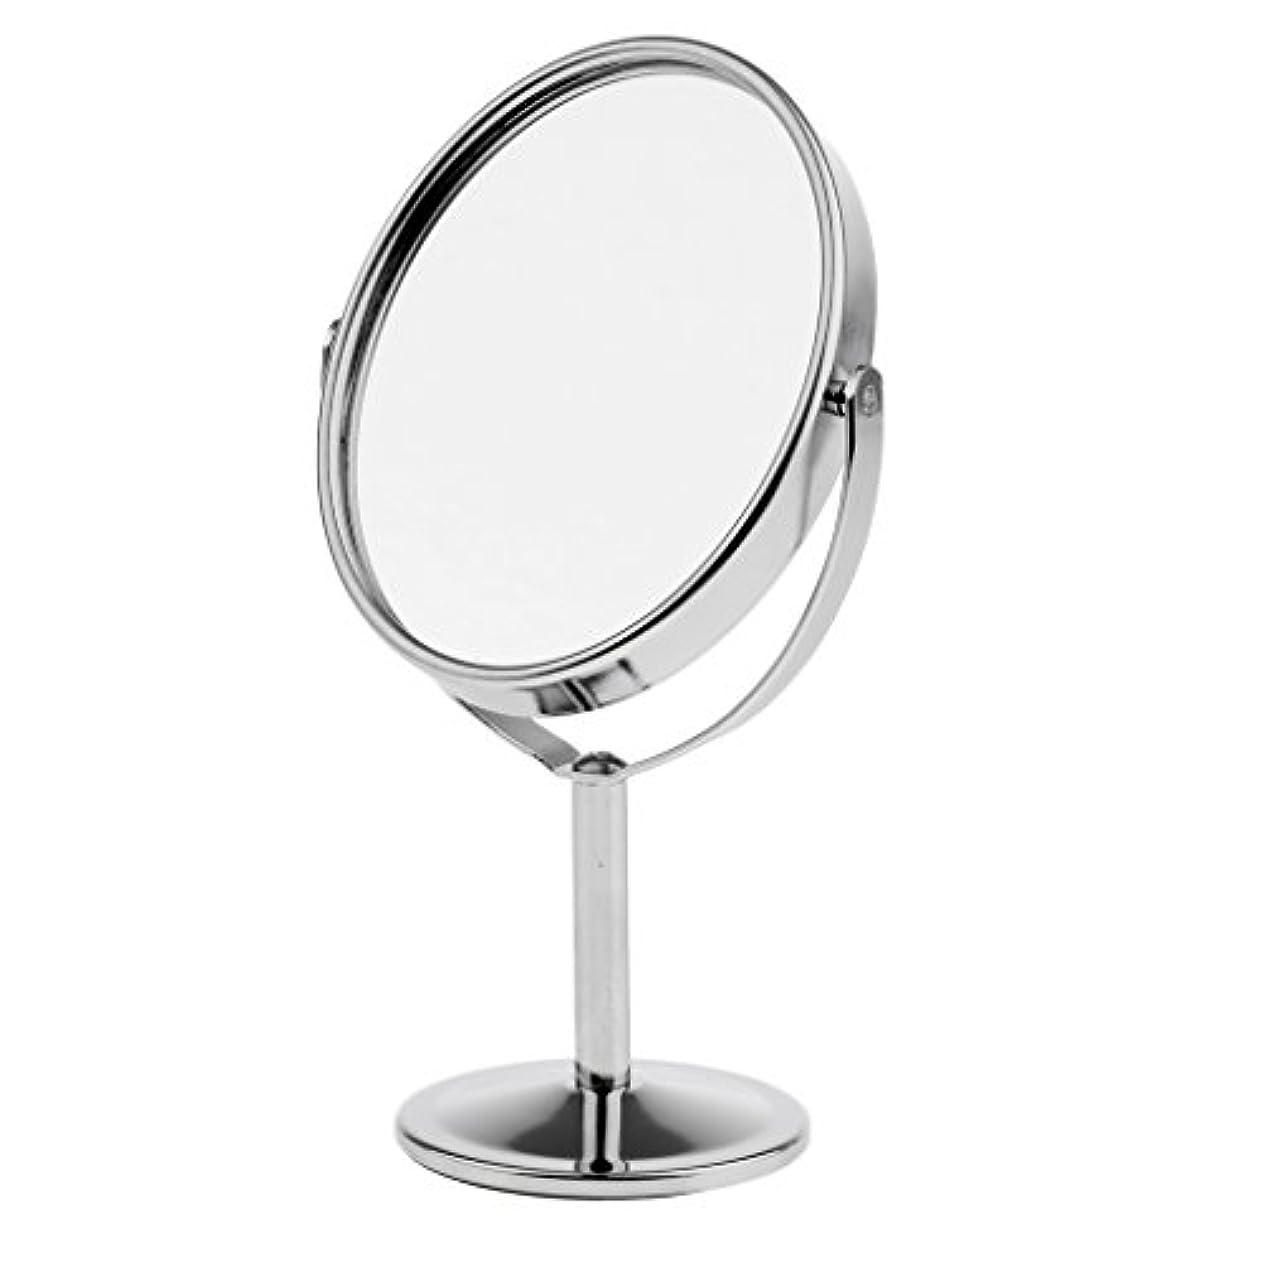 汚物マネージャー眼メイクアップミラー テーブルミラー 化粧鏡 デュアルサイド 拡大鏡 ミラー 楕円 スタンド 360度回転 ポータブル 2色選べる - 銀